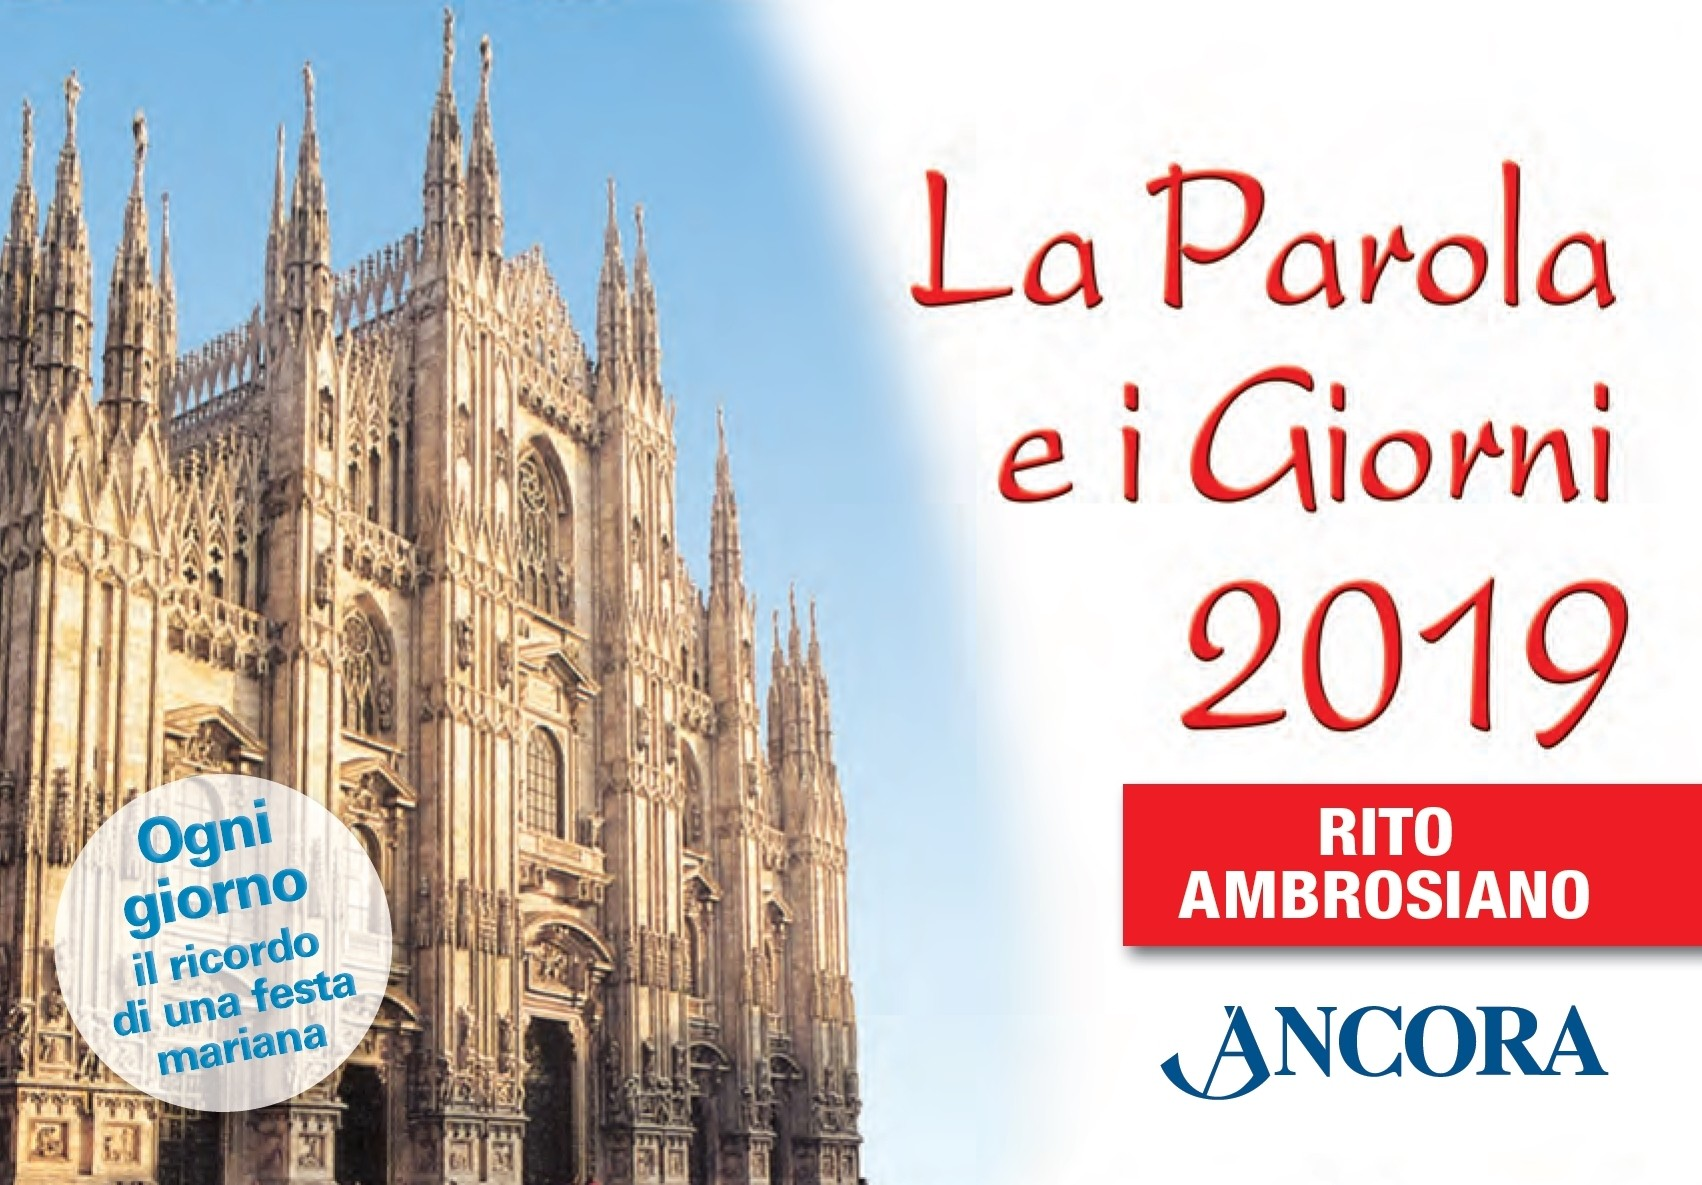 Calendario Liturgico 2019 Da Stampare Más Reciente Parola E I